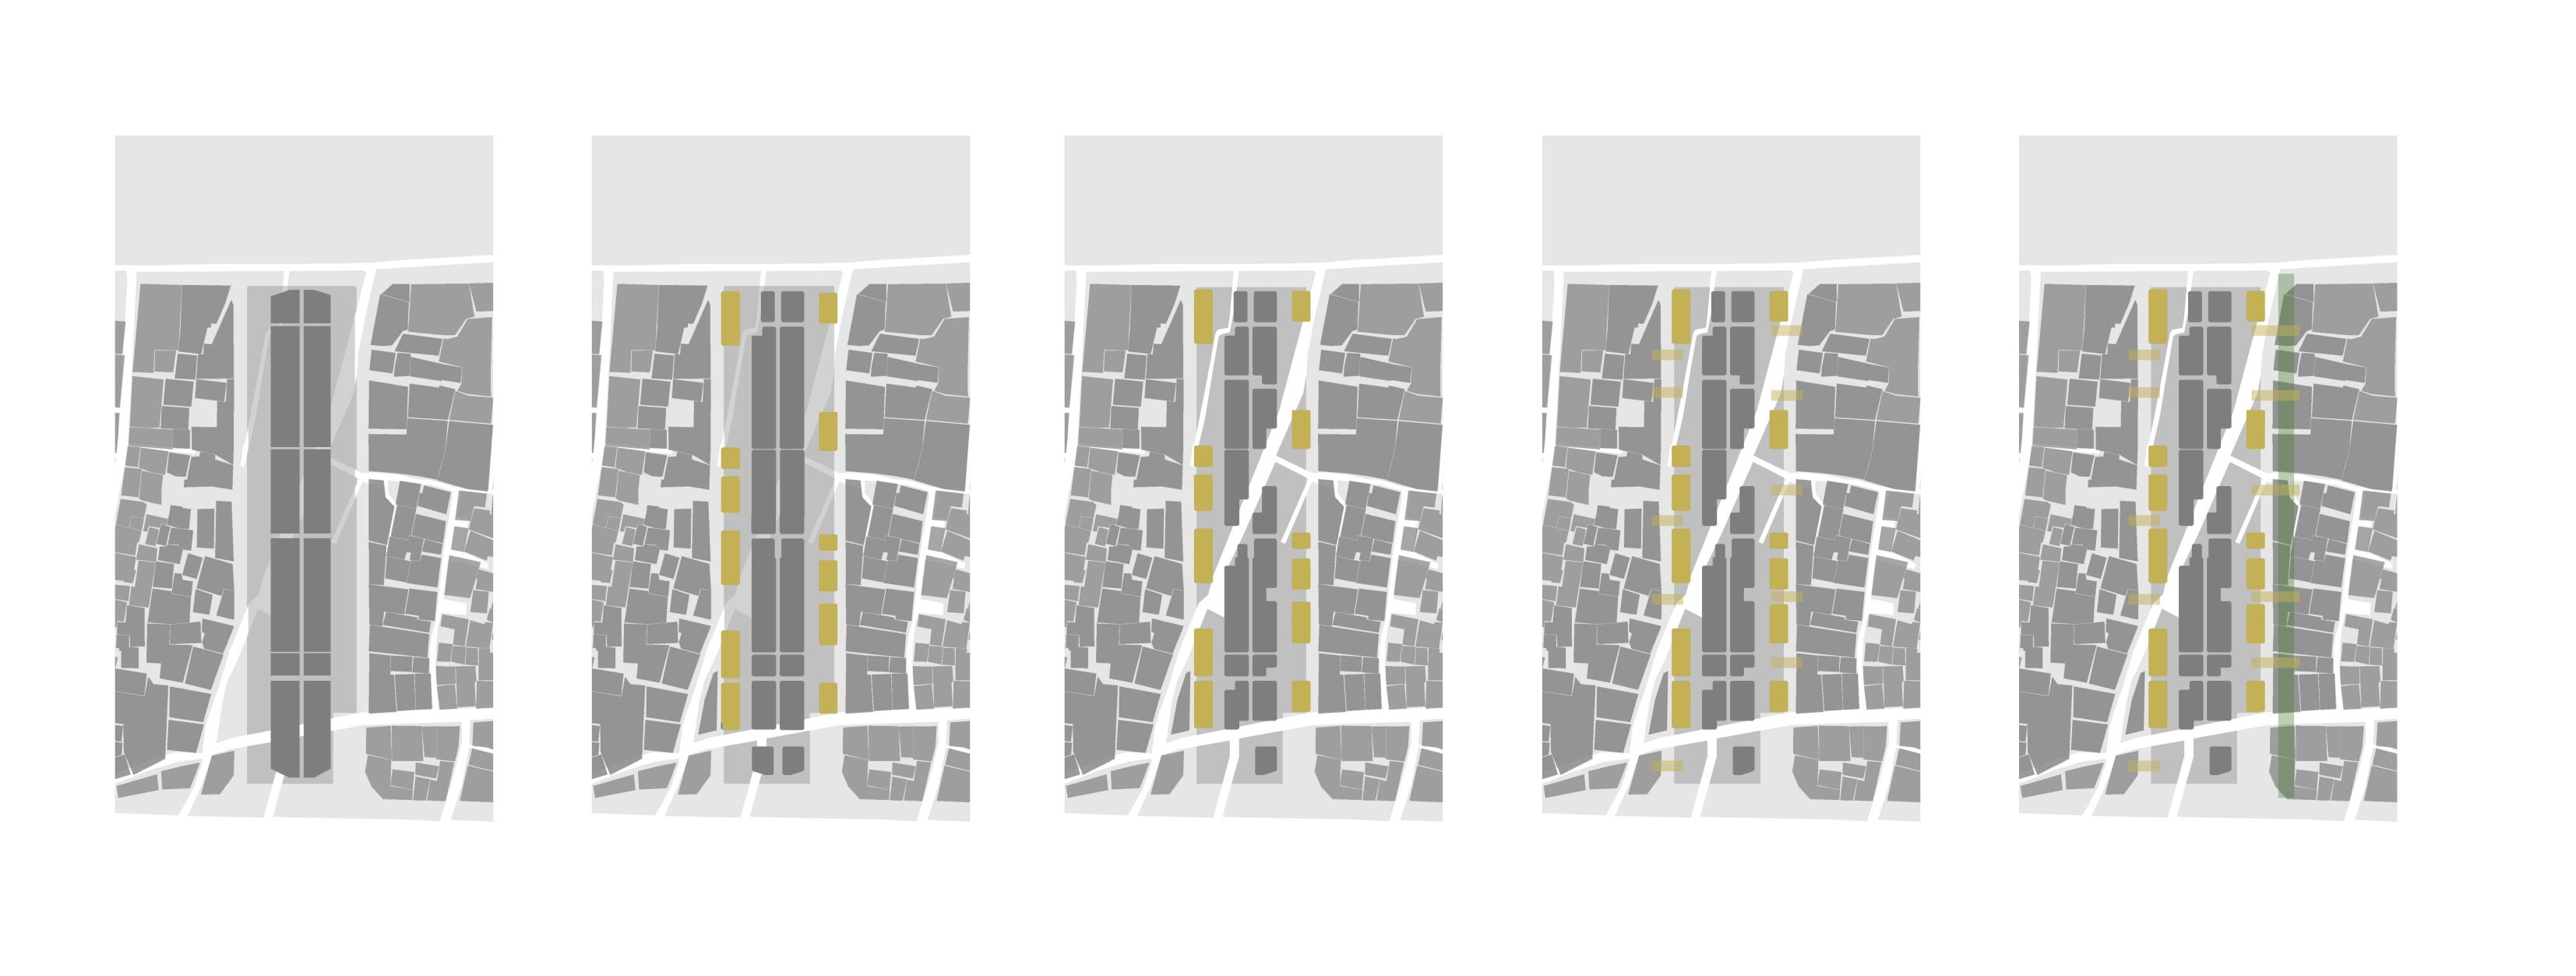 〔건축가 인터뷰〕세운상가 활성화를 위한 공공공간 프로젝트를 설계한 건축가 김택빈과 장용순2